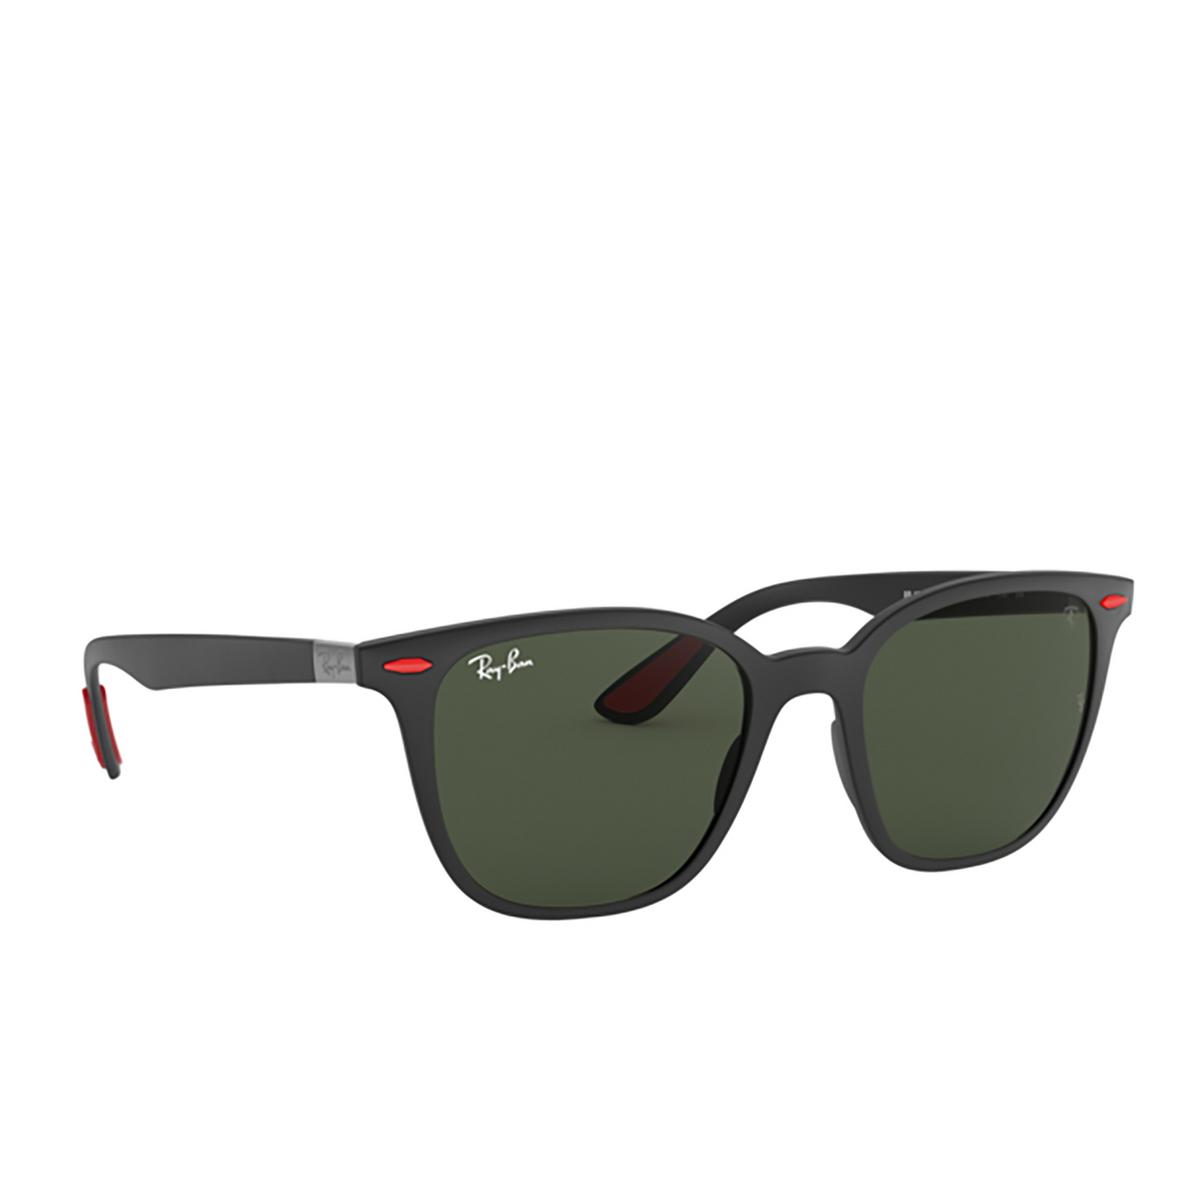 Ray-Ban® Square Sunglasses: Ferrari RB4297M color Matte Black F60271 - 2/3.